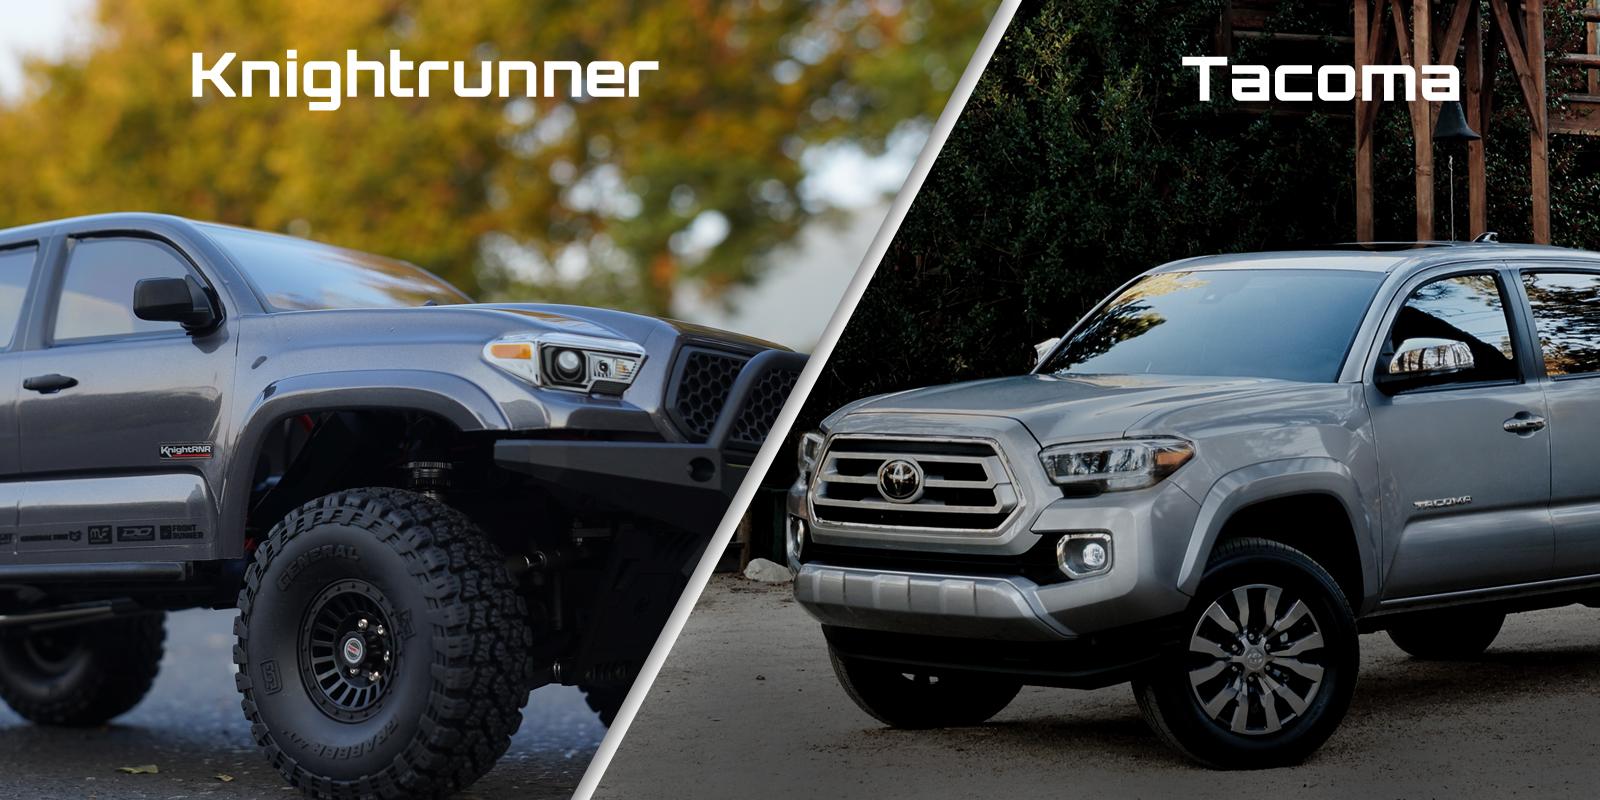 Knightrunner vs. Tacoma Comparison